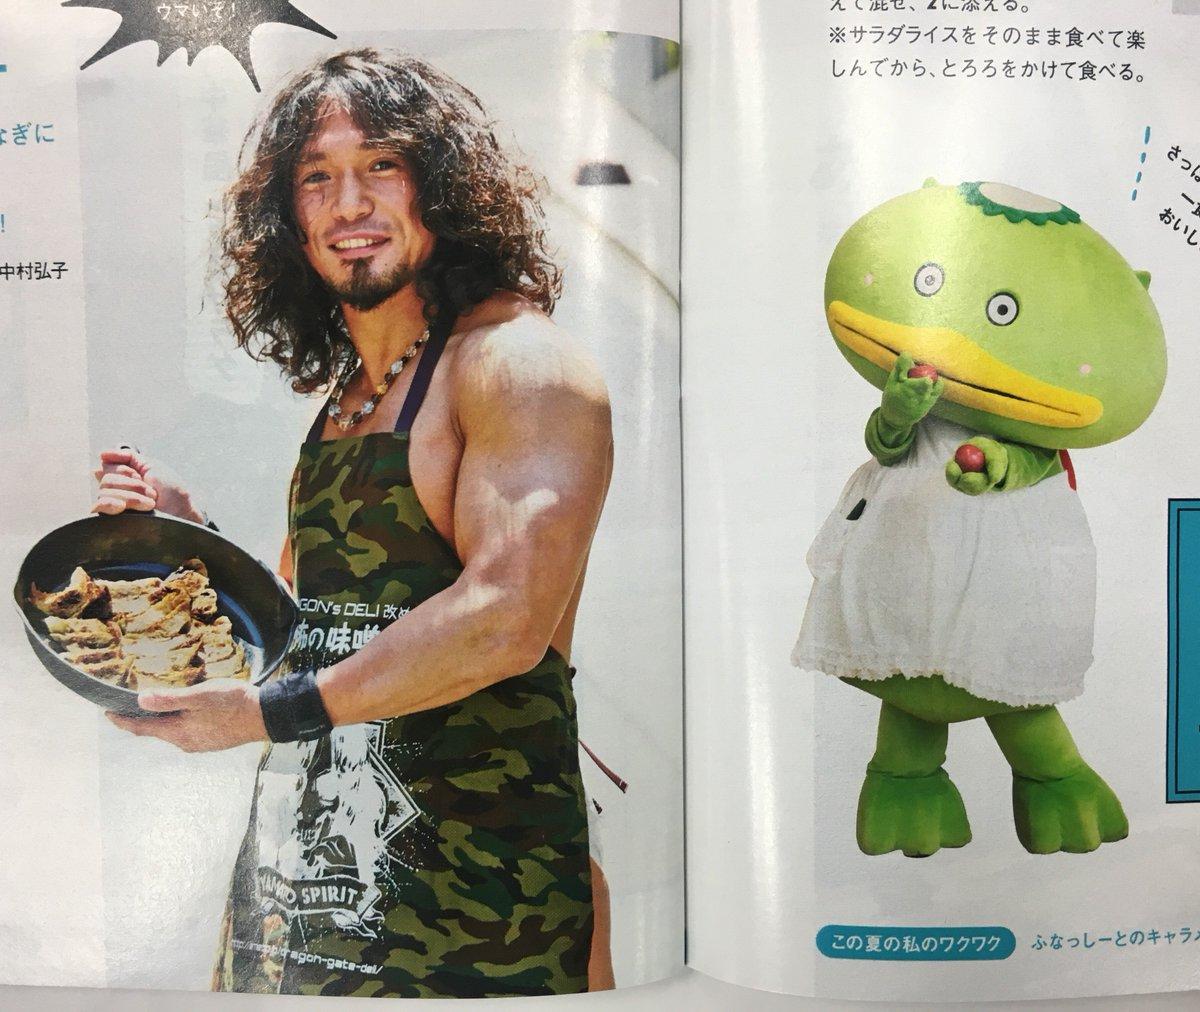 YAMATO選手とカパル、異色の裸エプロンが同じ見開きで競演するのはレタスクラブだけ!だと思う!! #YAMATO #カパル #レタスクラブ https://t.co/5HVRicxKO3